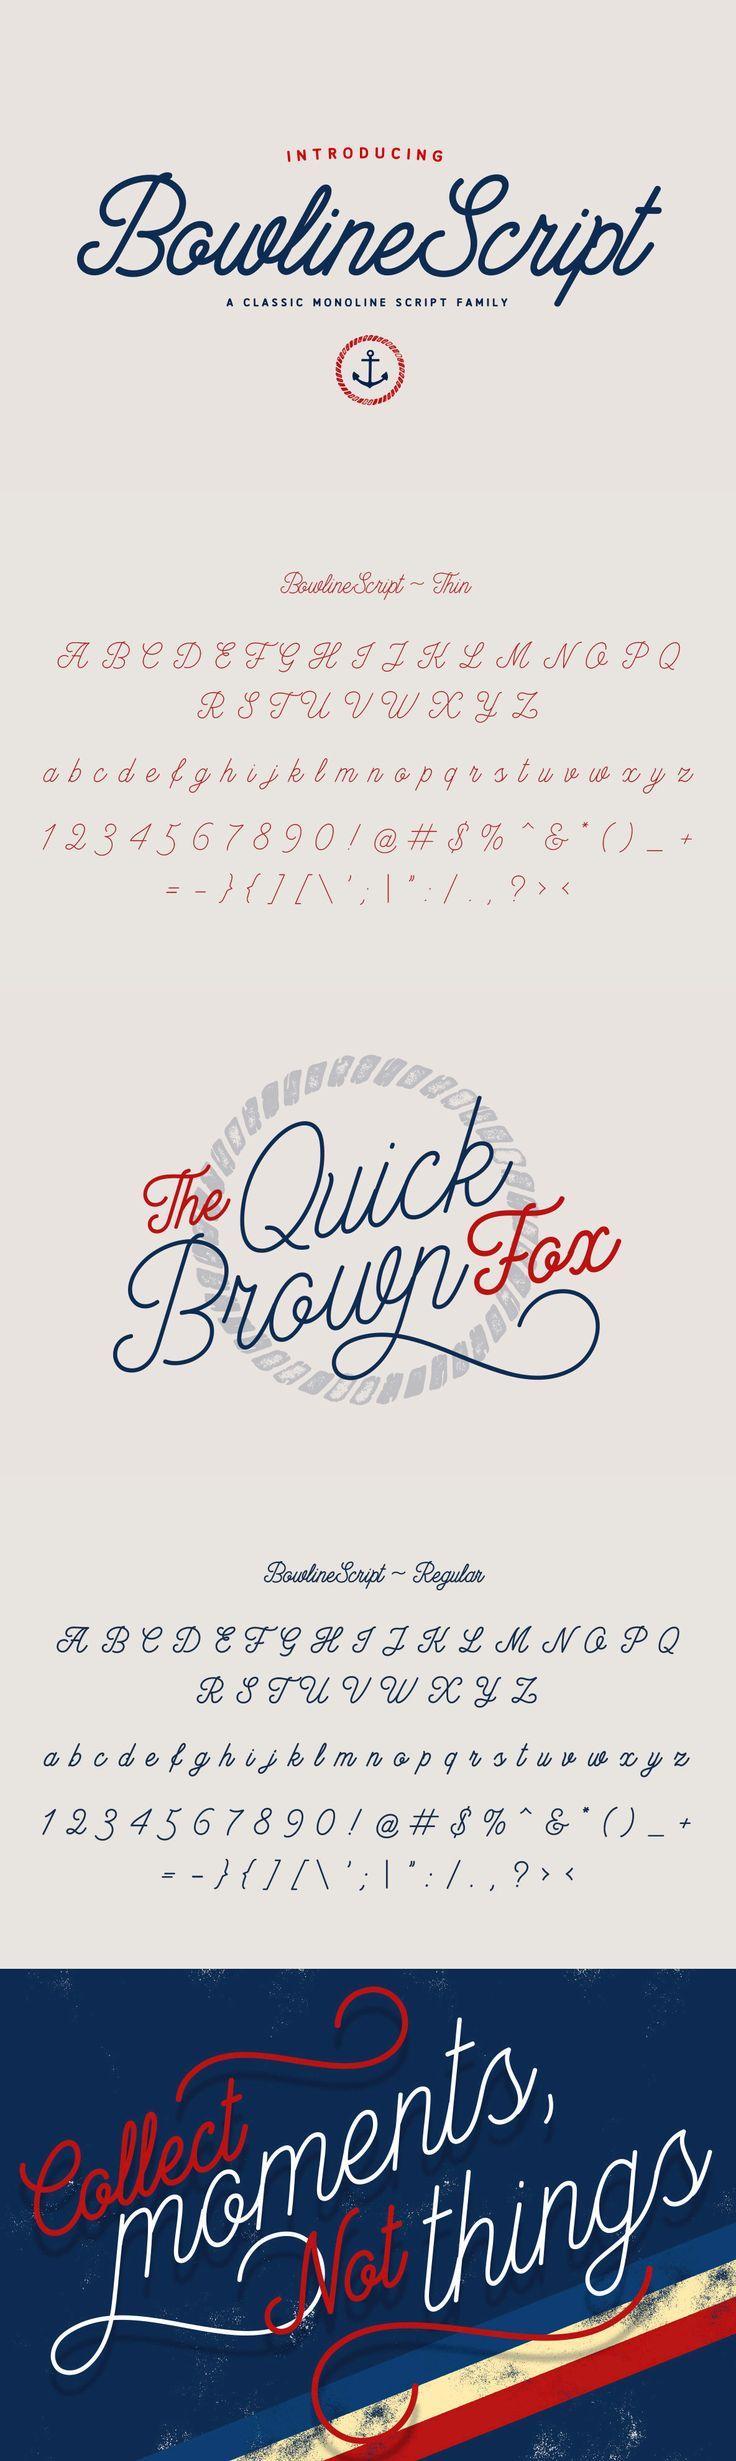 Bowline Script - Bowline Script is a classic monoline cursive script font. This family of 3 fonts has 2 wei...